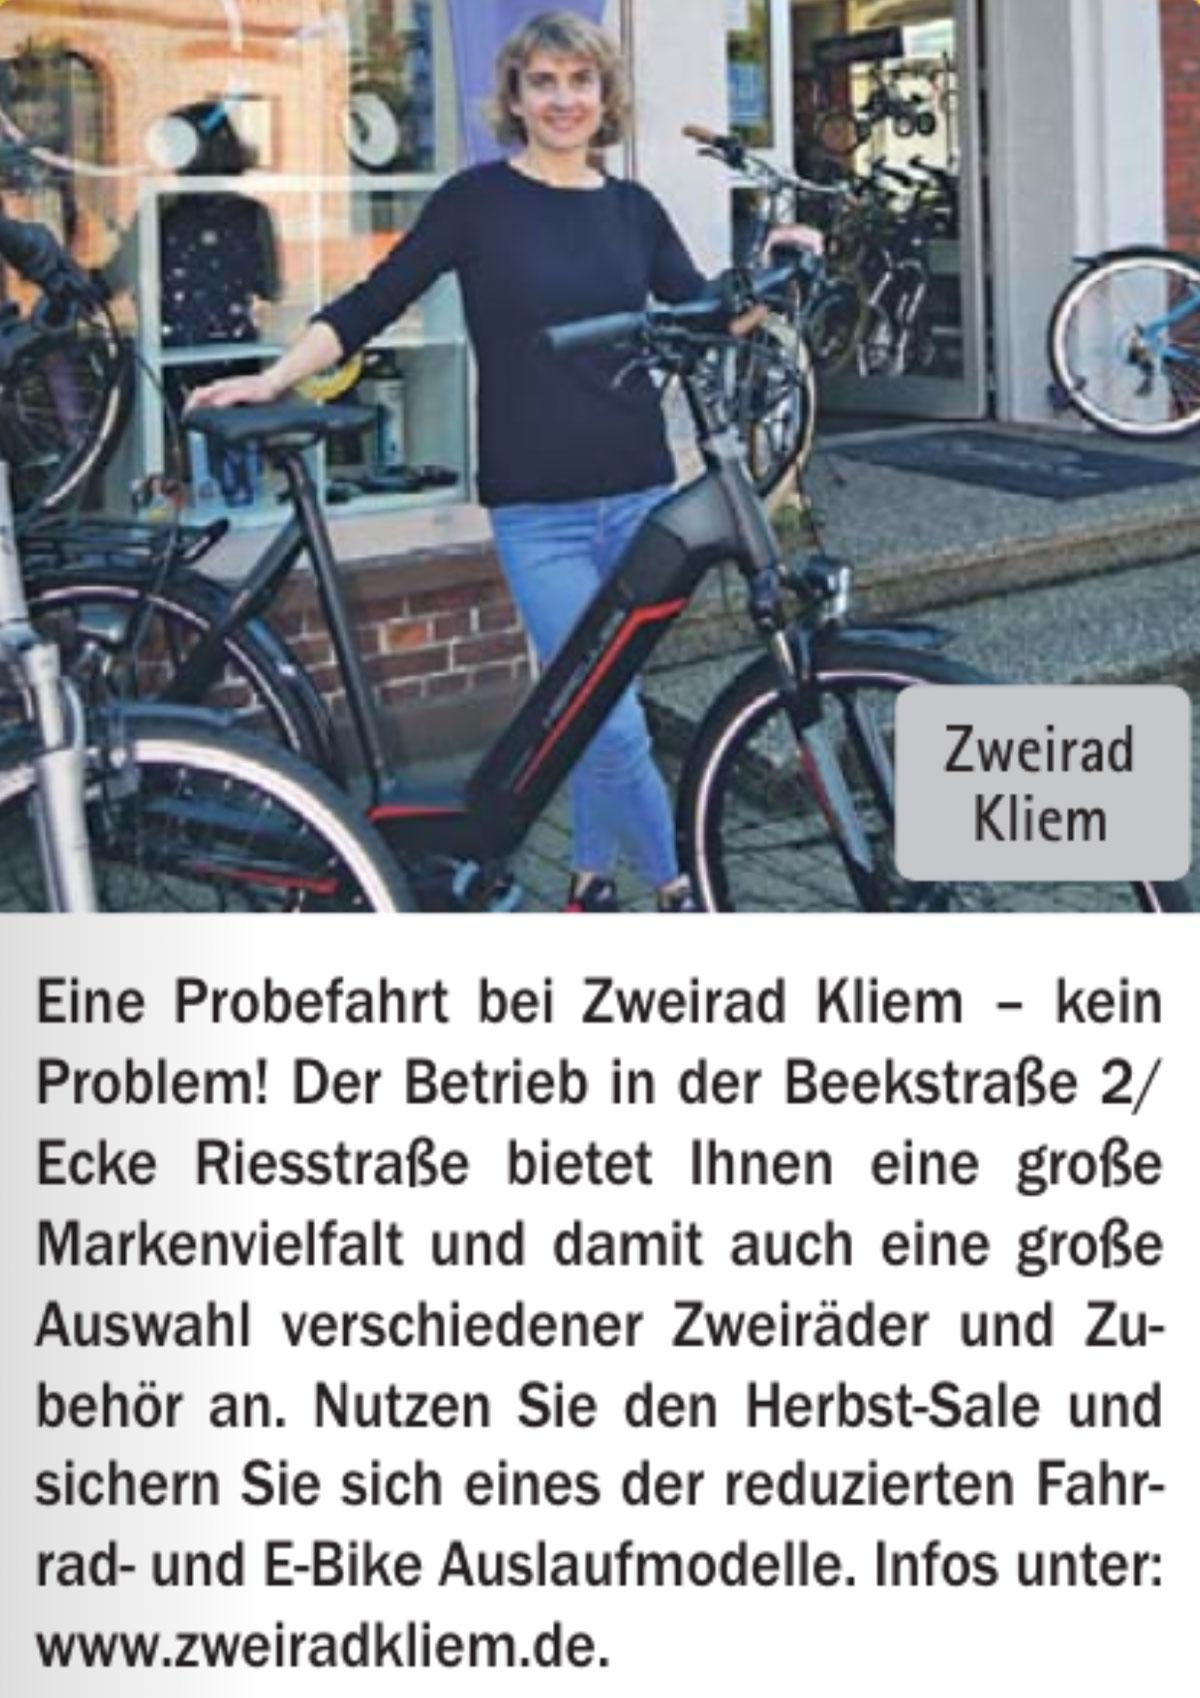 Zweirad Kliem